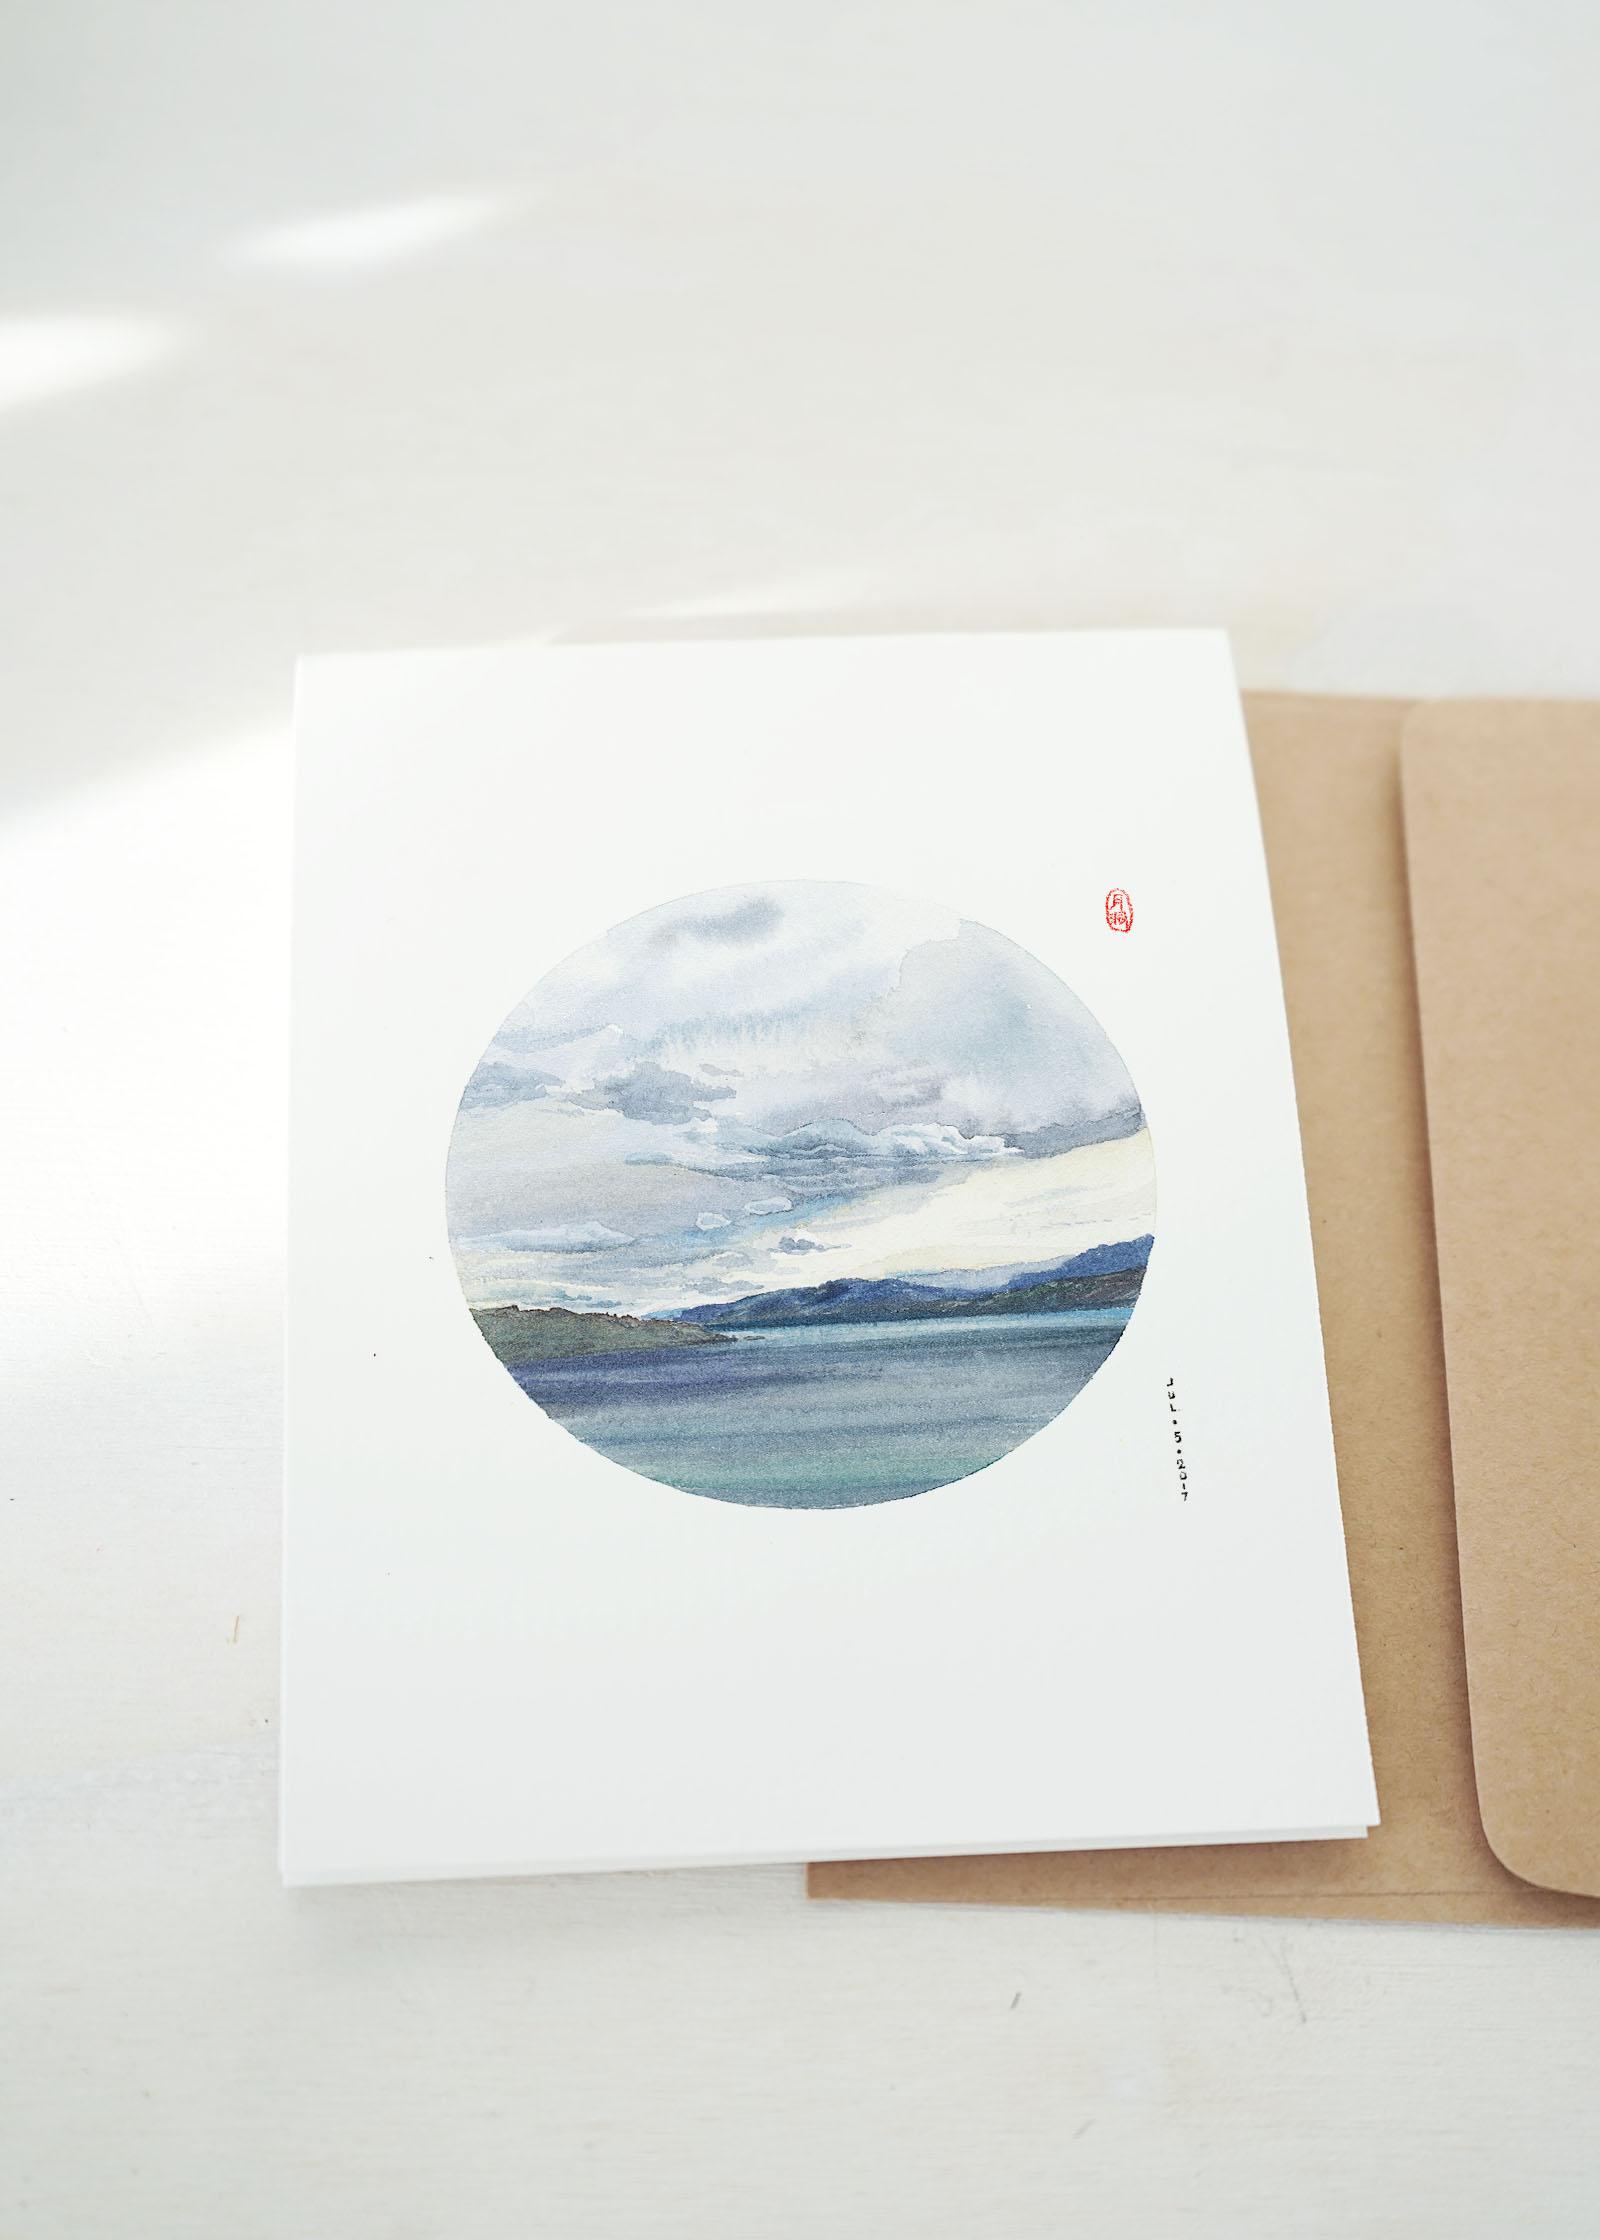 Okanagan lake watercolor greeting card by WANRU KEMP 4249s.jpg